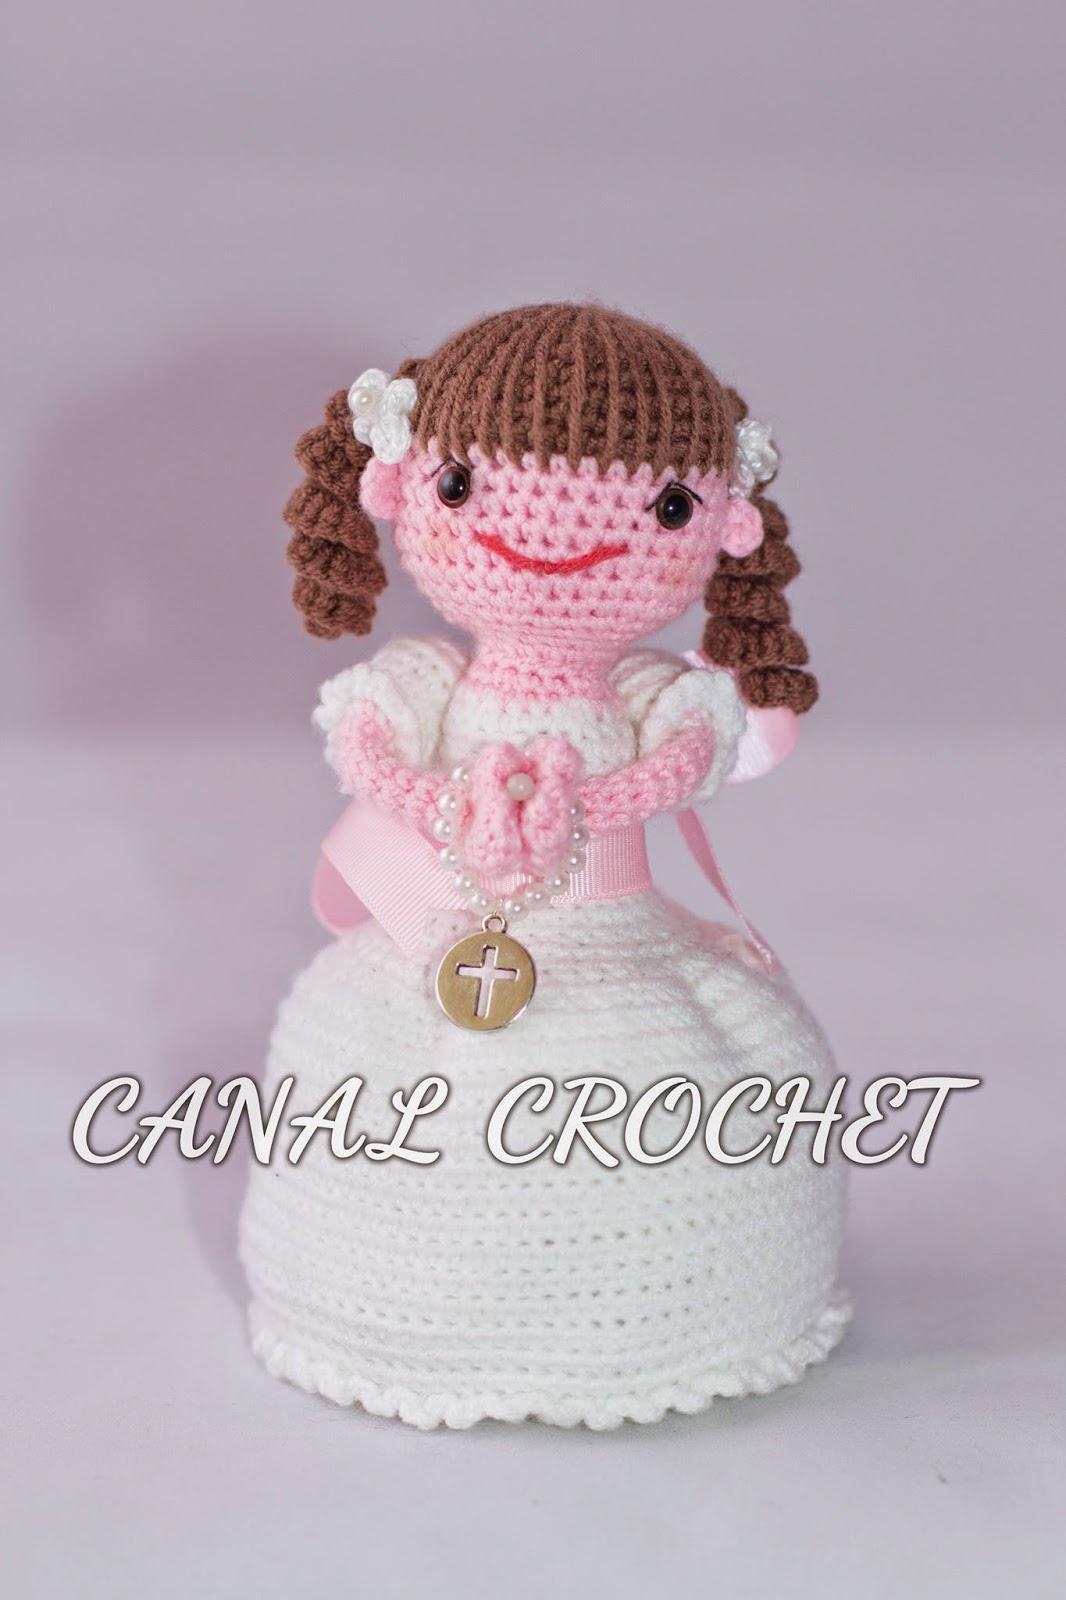 CANAL CROCHET: Muñeca comunión amigurumi patrón libre: